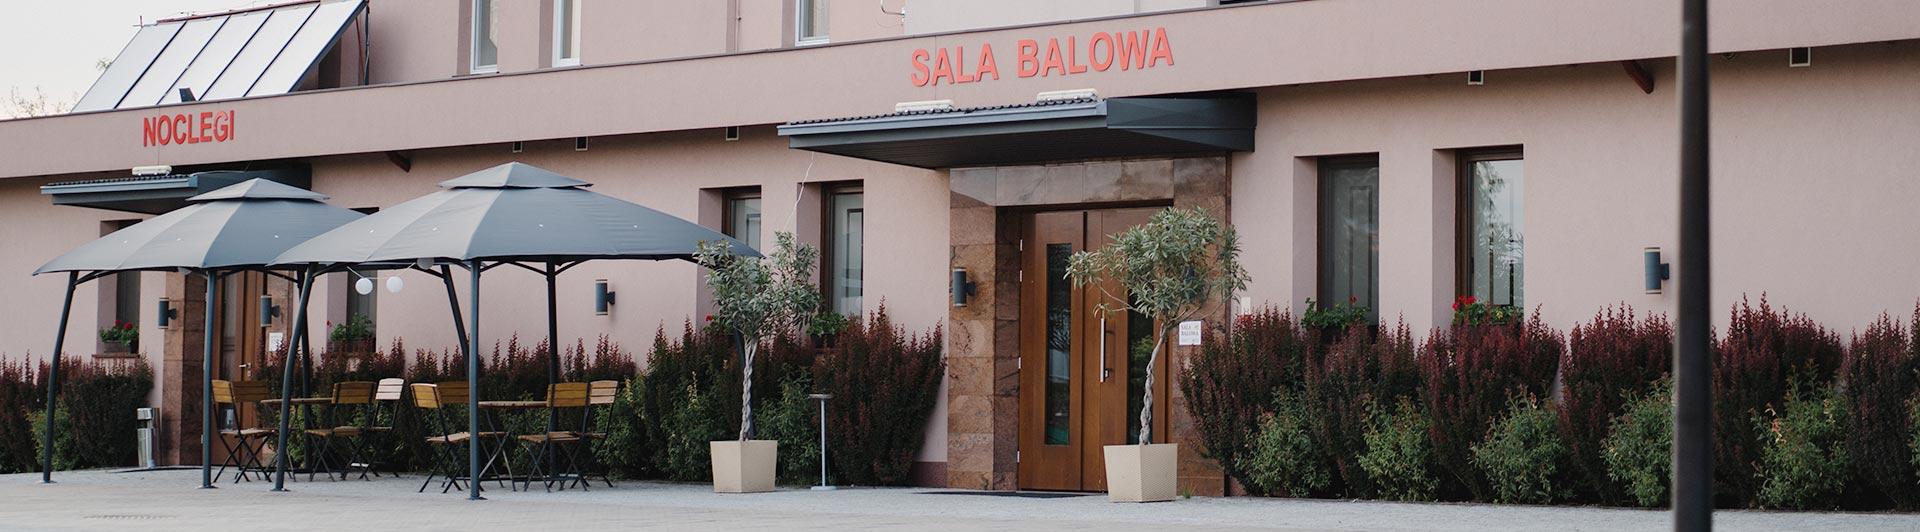 sala-balowa-olesno